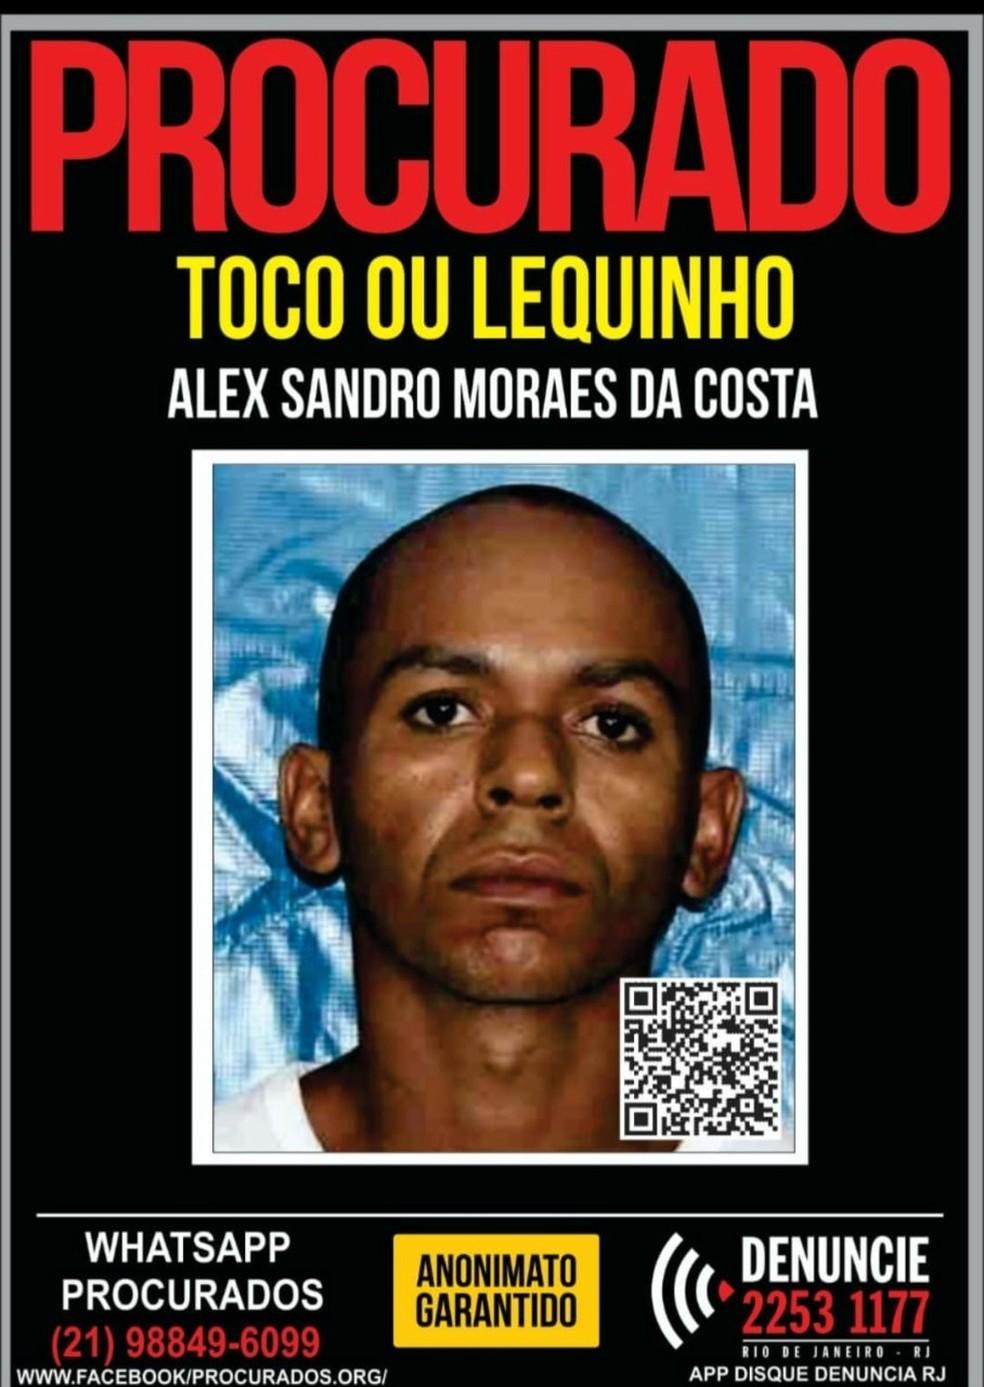 Alex Sandro Moraes da Costa entra na lista de procurados da Polícia Civil do Rio de Janeiro. — Foto: Reprodução/Polícia Civil do RJ